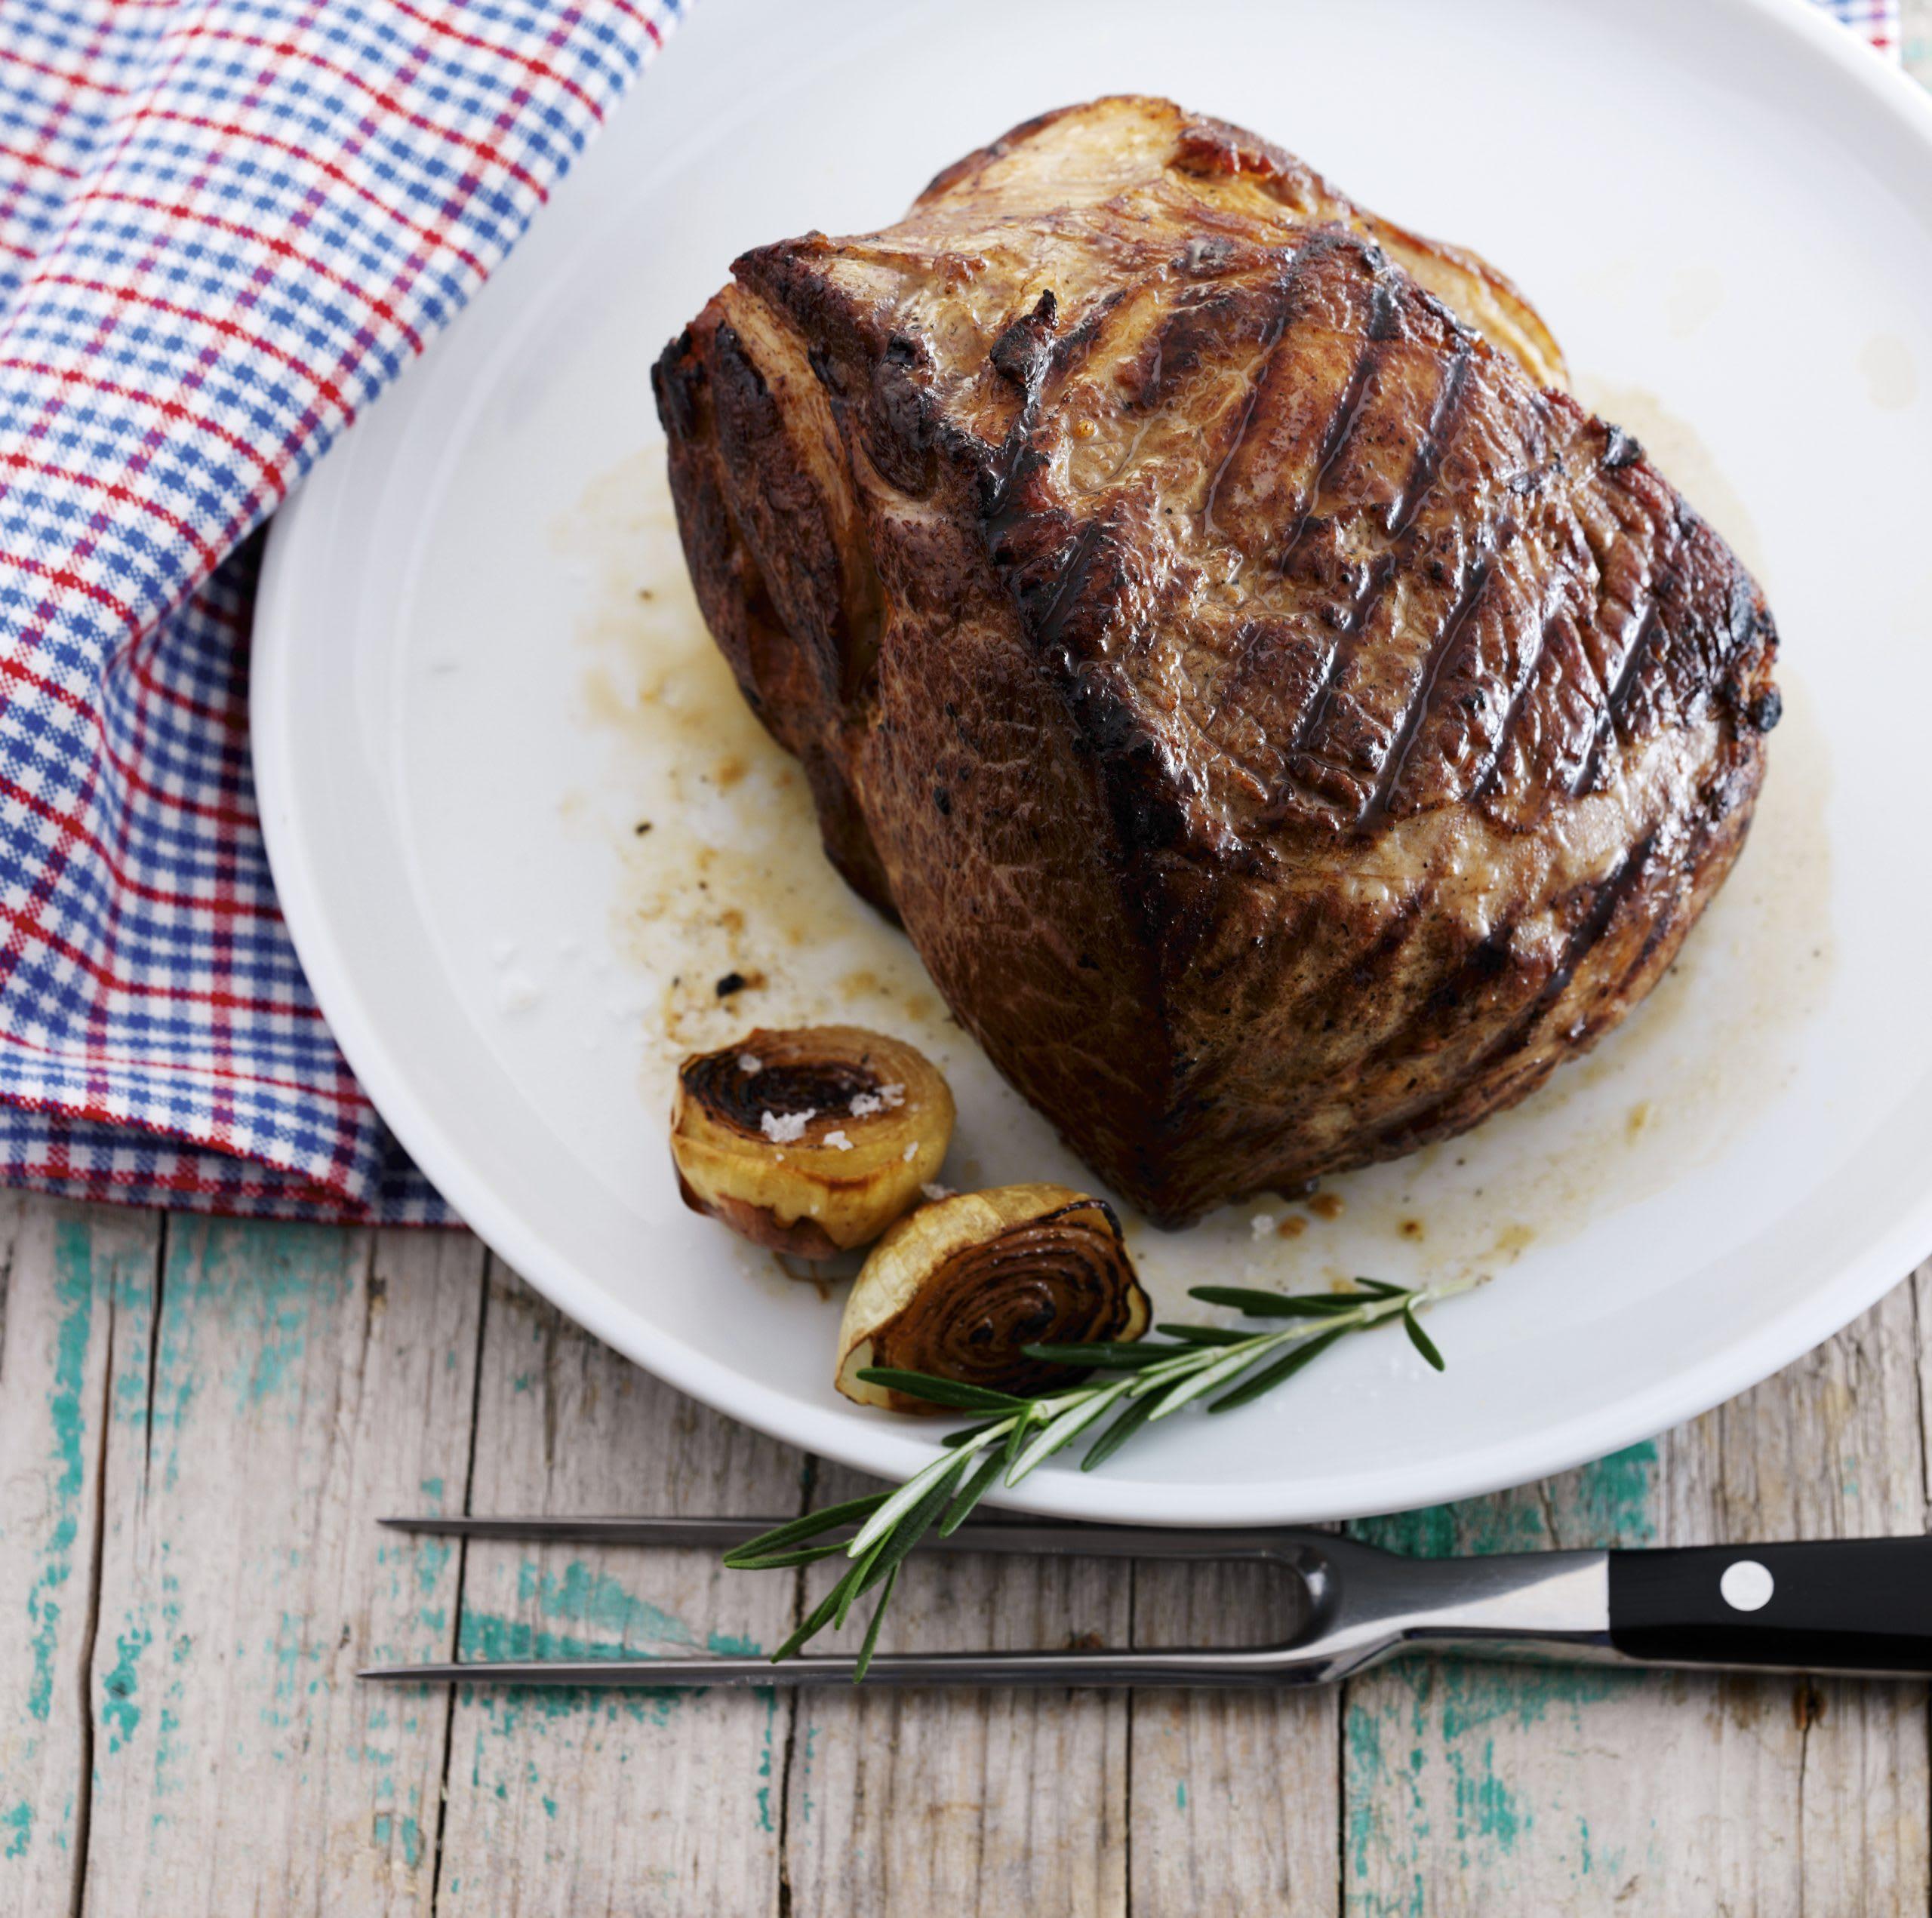 Schweinsbraten vom Grill mit Honig-Senf-Marinade